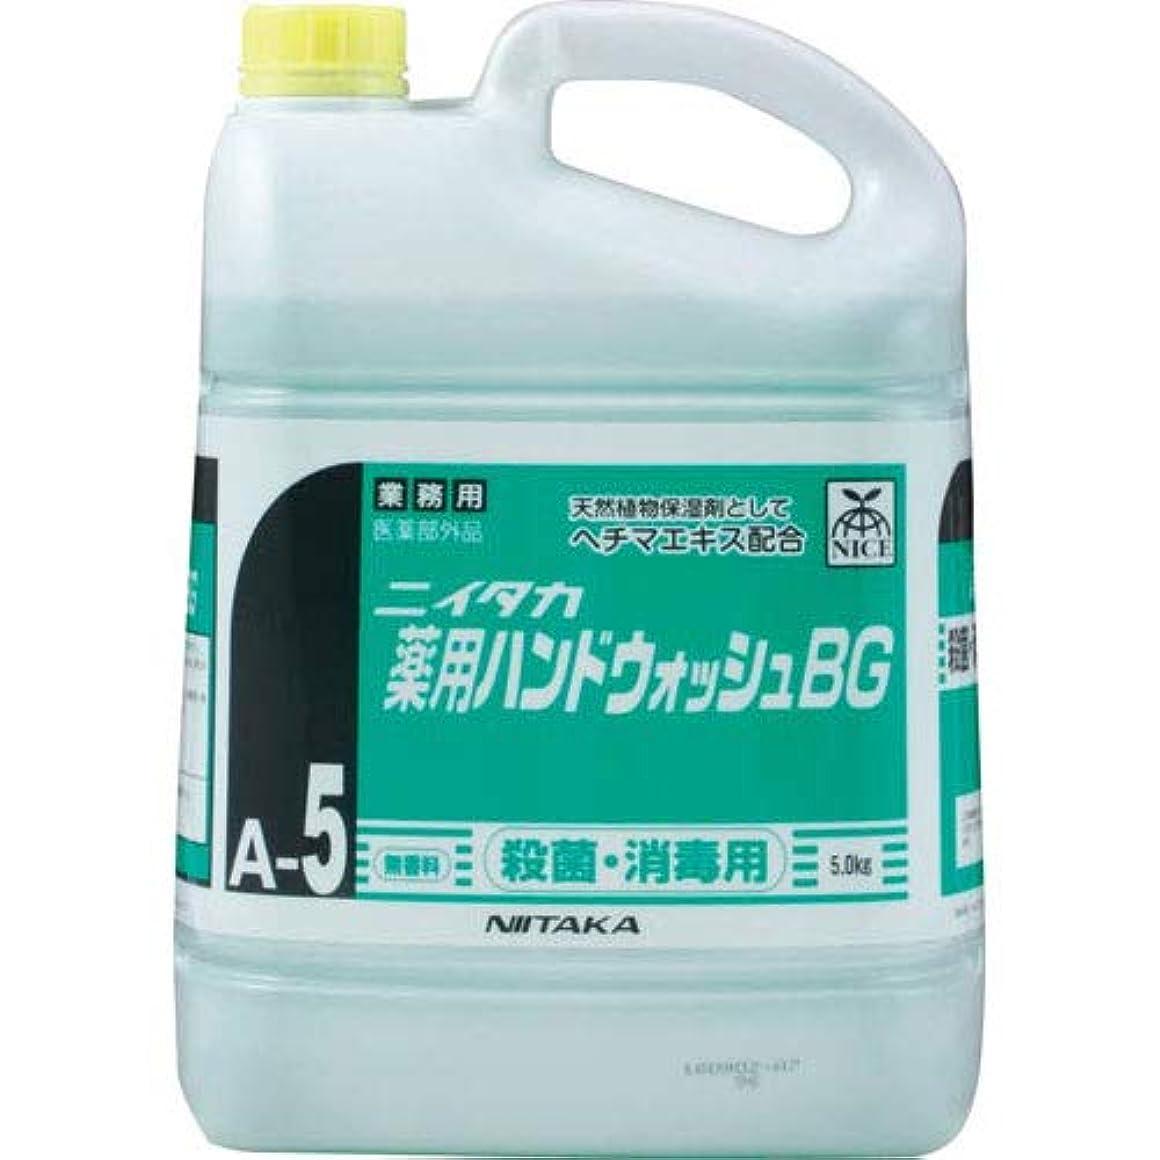 ソート緑擬人化ニイタカ 薬用ハンドウォッシュBG 5Kg×3